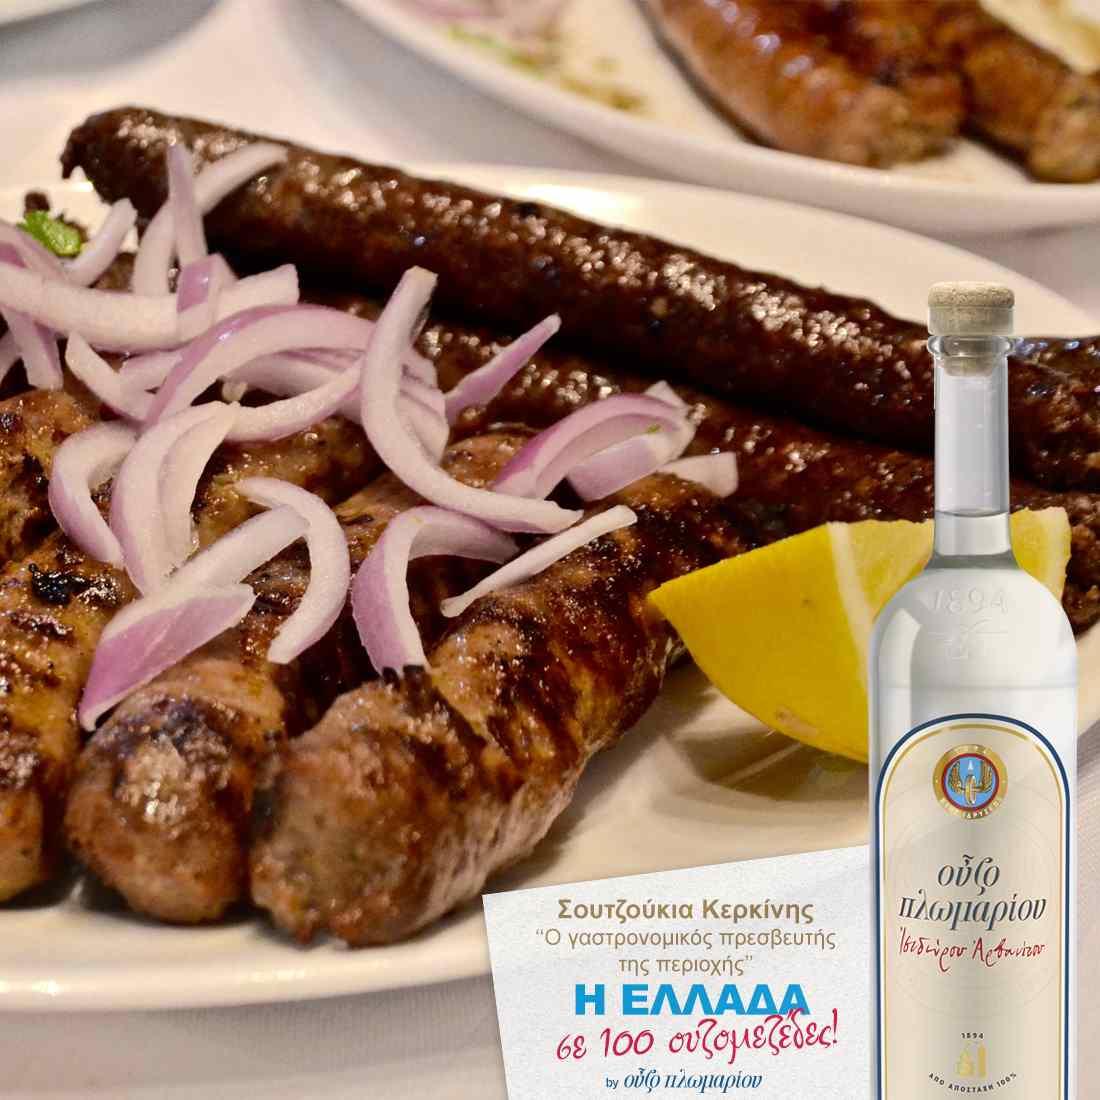 Σουτζούκια και λουκάνικα νεροβούβαλου Κερκίνης - Ουζομεζέδες - Greek Gastronomy Guide